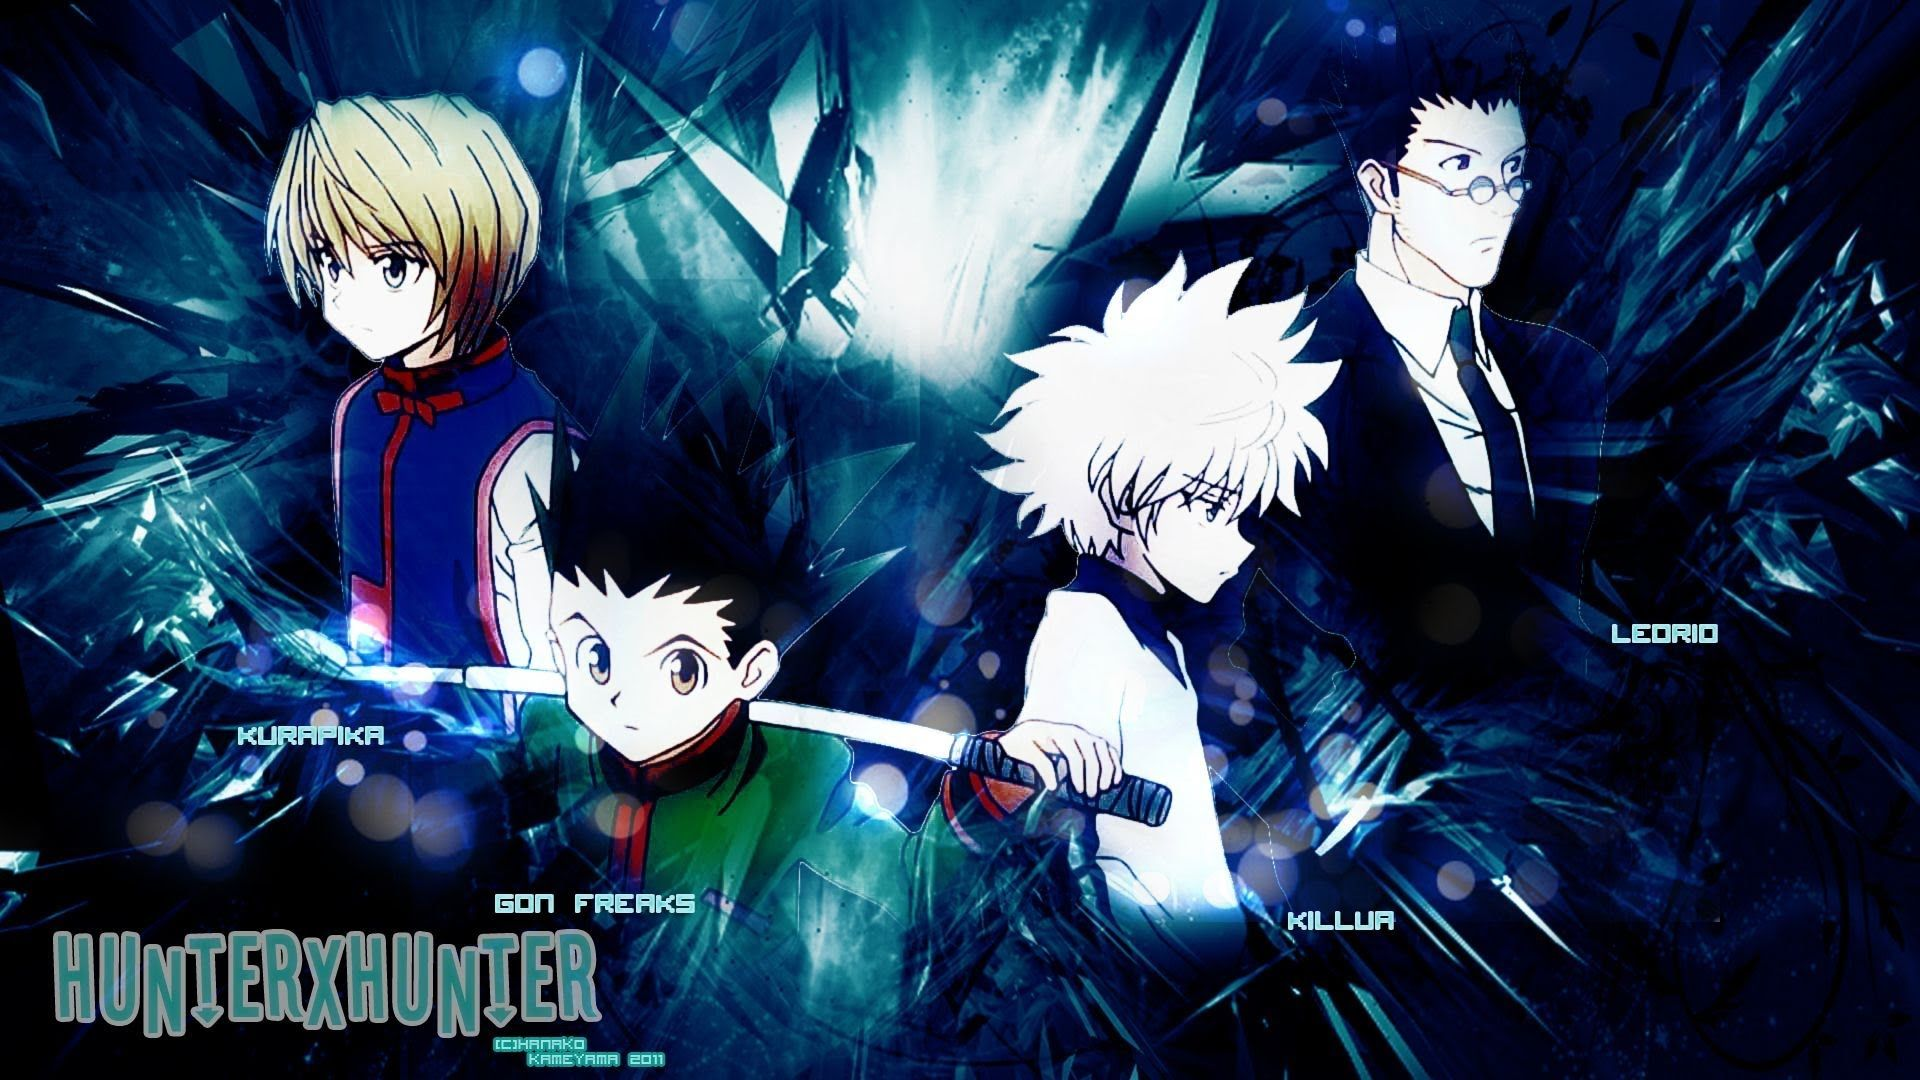 Maxresdefault Jpg 1920 1080 Anime Wallpaper Hunter X Hunter Anime